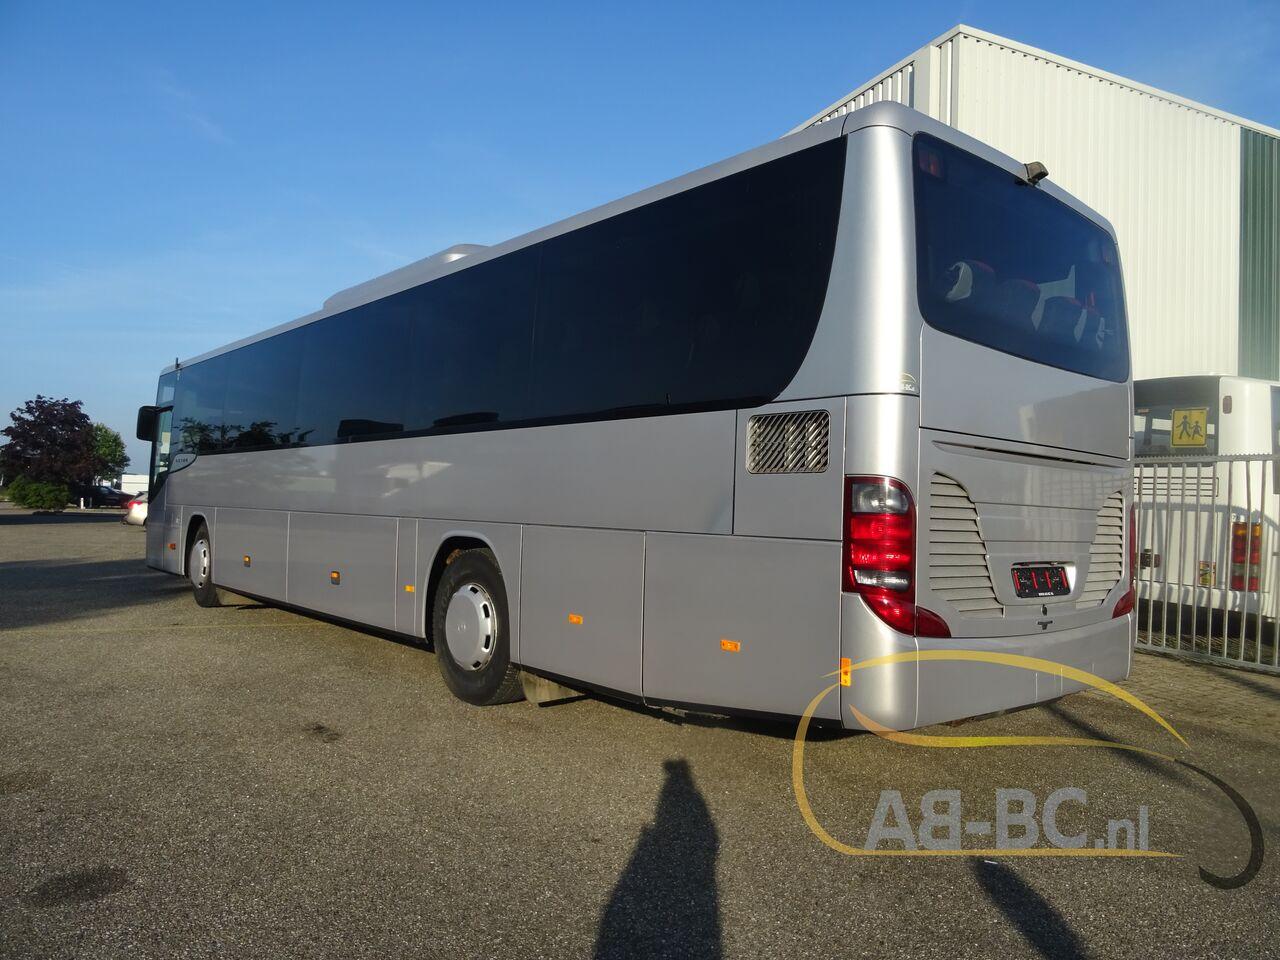 coach-bus-SETRA-S415H-52-Seats-EURO-6-Liftbus---1630913143606004302_big_b921052af8f83736472b4ccf8db859f9--21070517141280735500